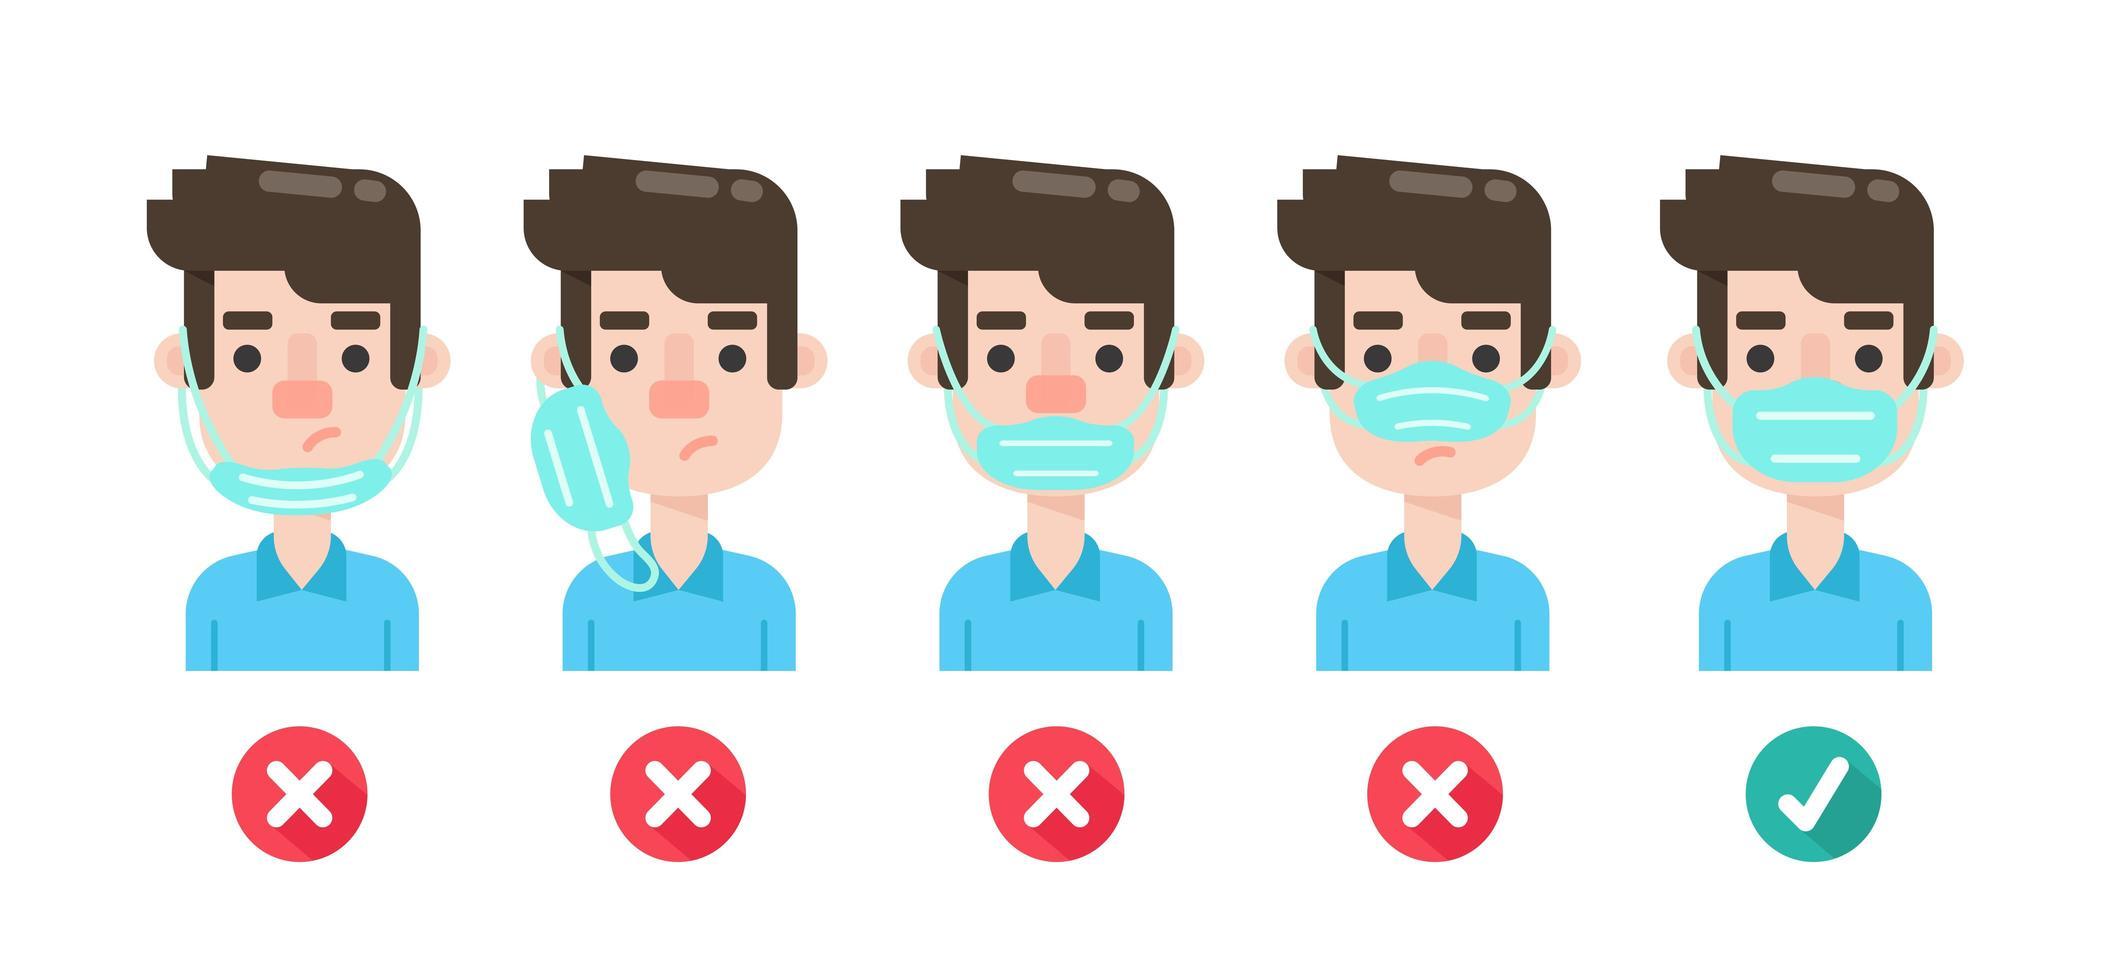 Diagramm mit der falschen Verwendung von Gesichtsmasken vektor